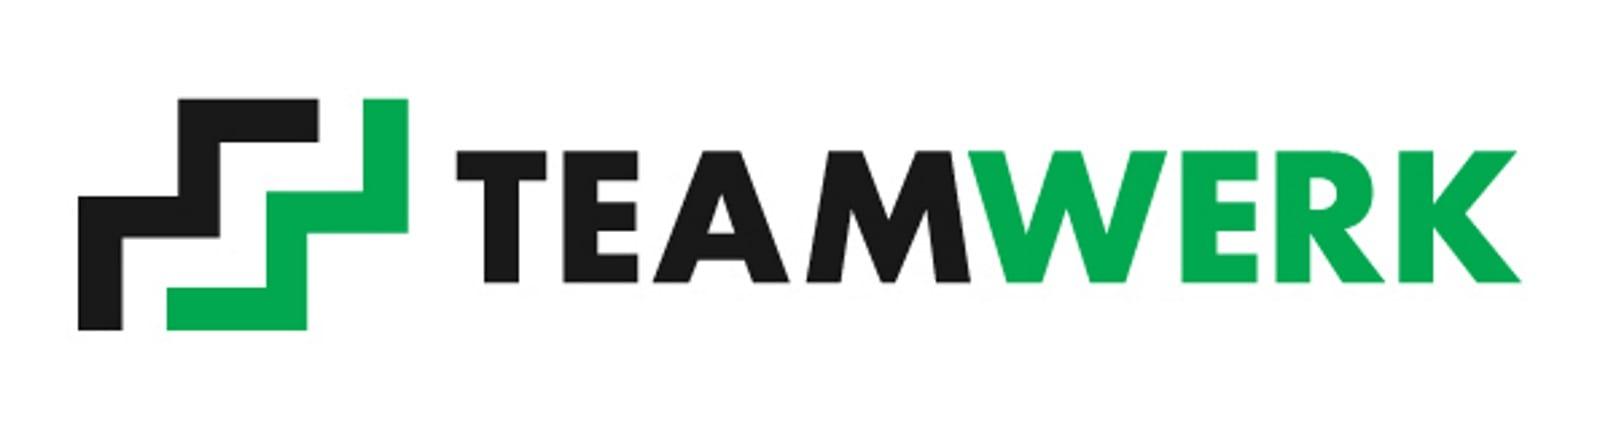 Teamwerk Participatiediensten B.V.